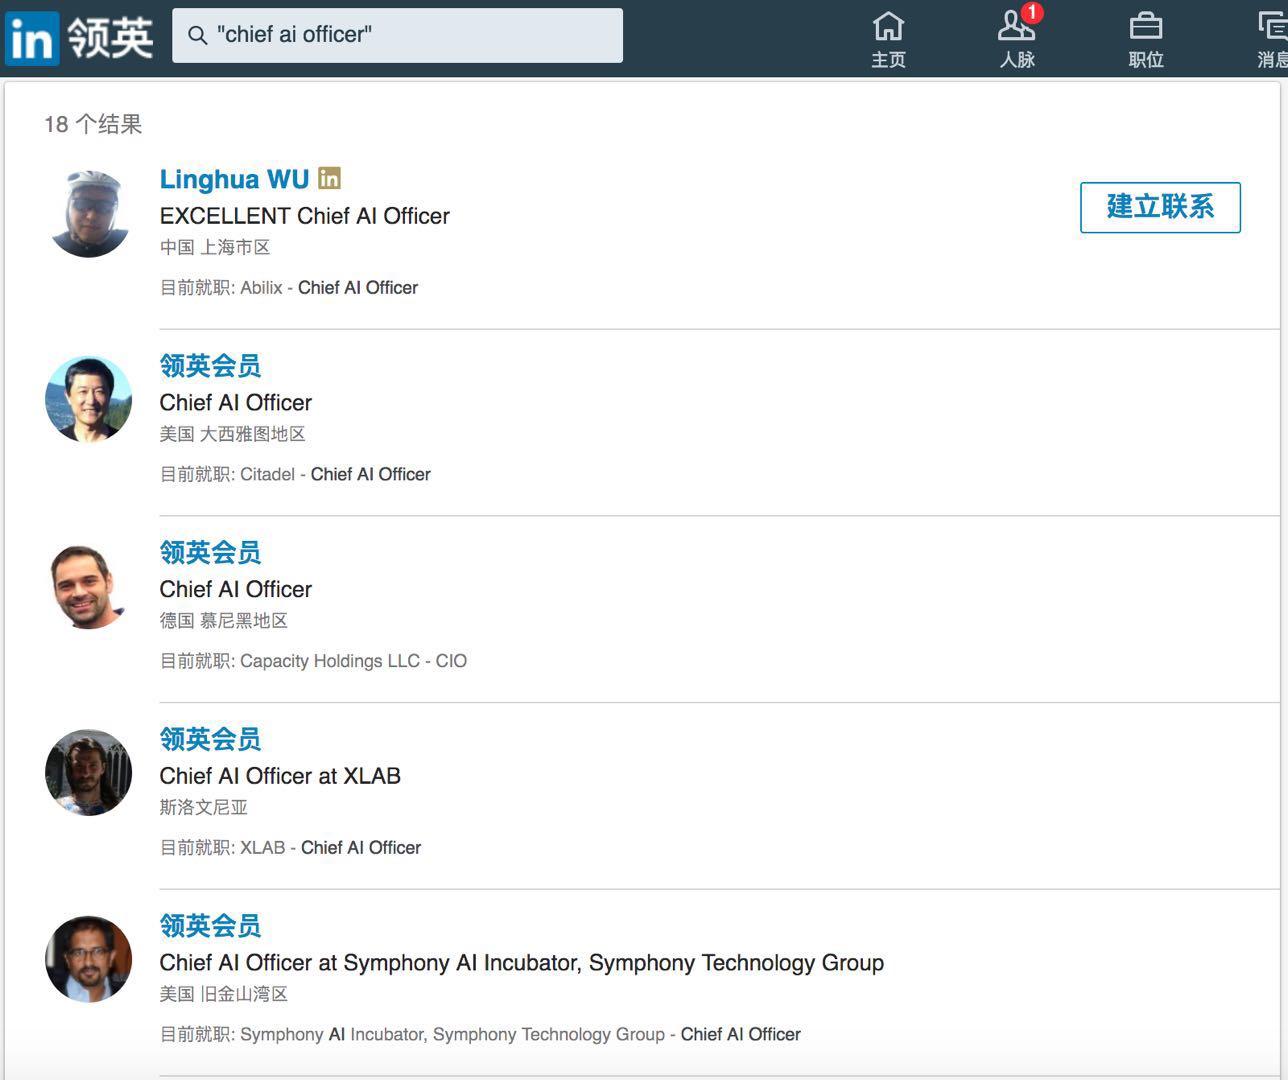 吴恩达呼吁每个企业都要有首席AI官,你同意么?!